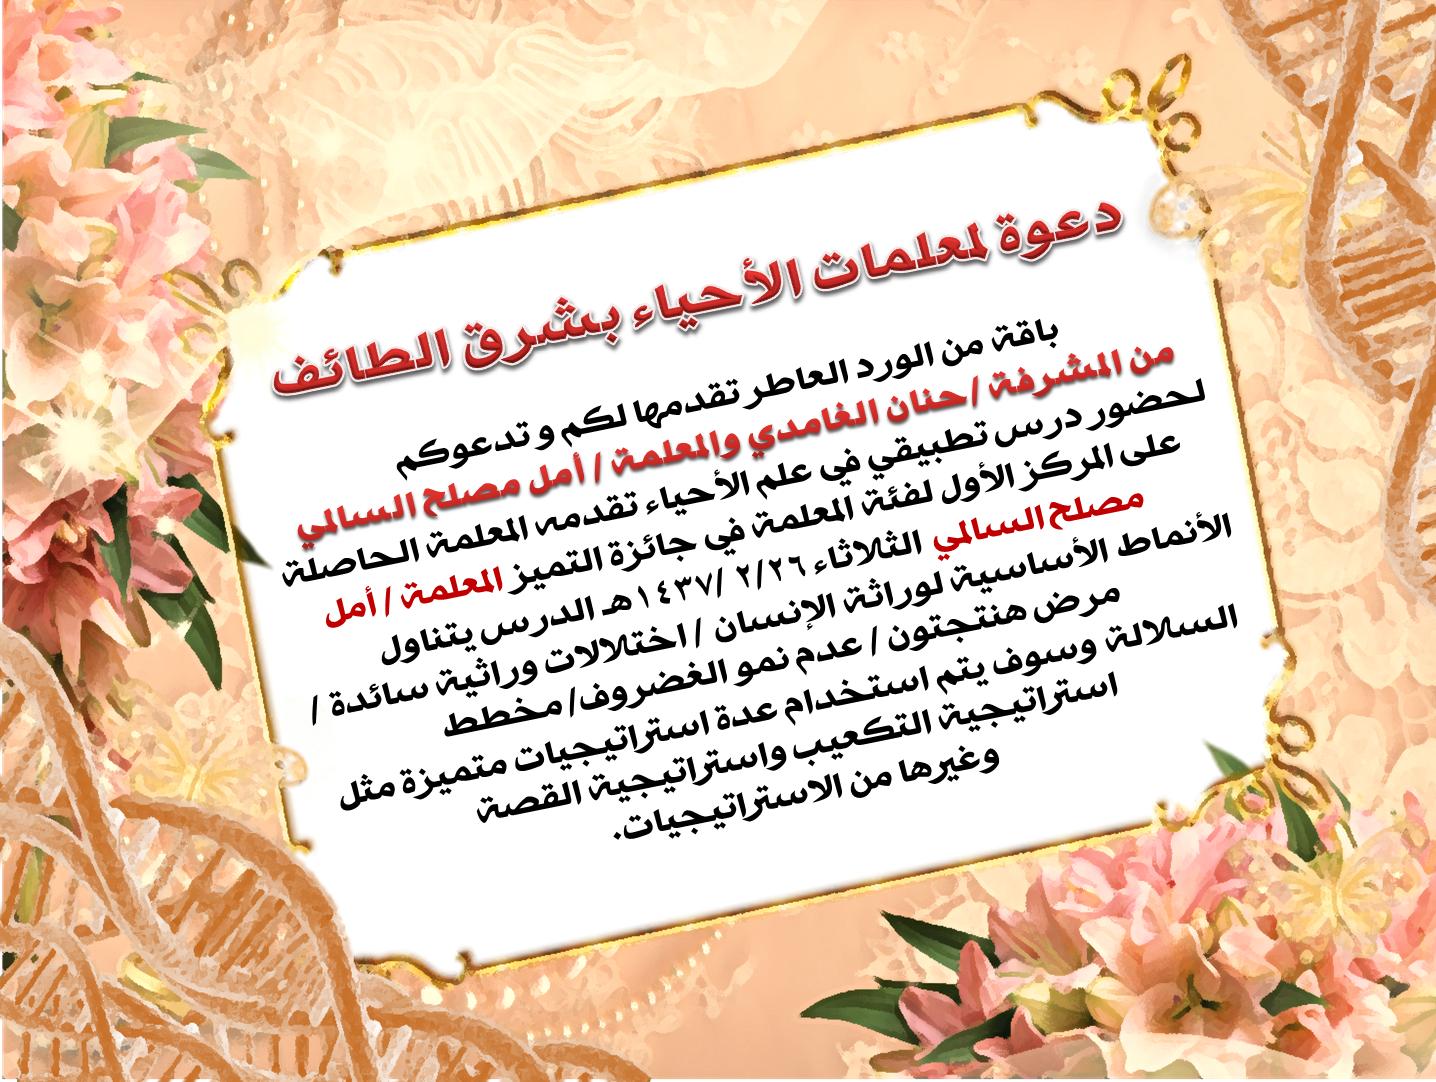 بطاقة دعوة لحضور درس تطبيقي Bitaqa Blog